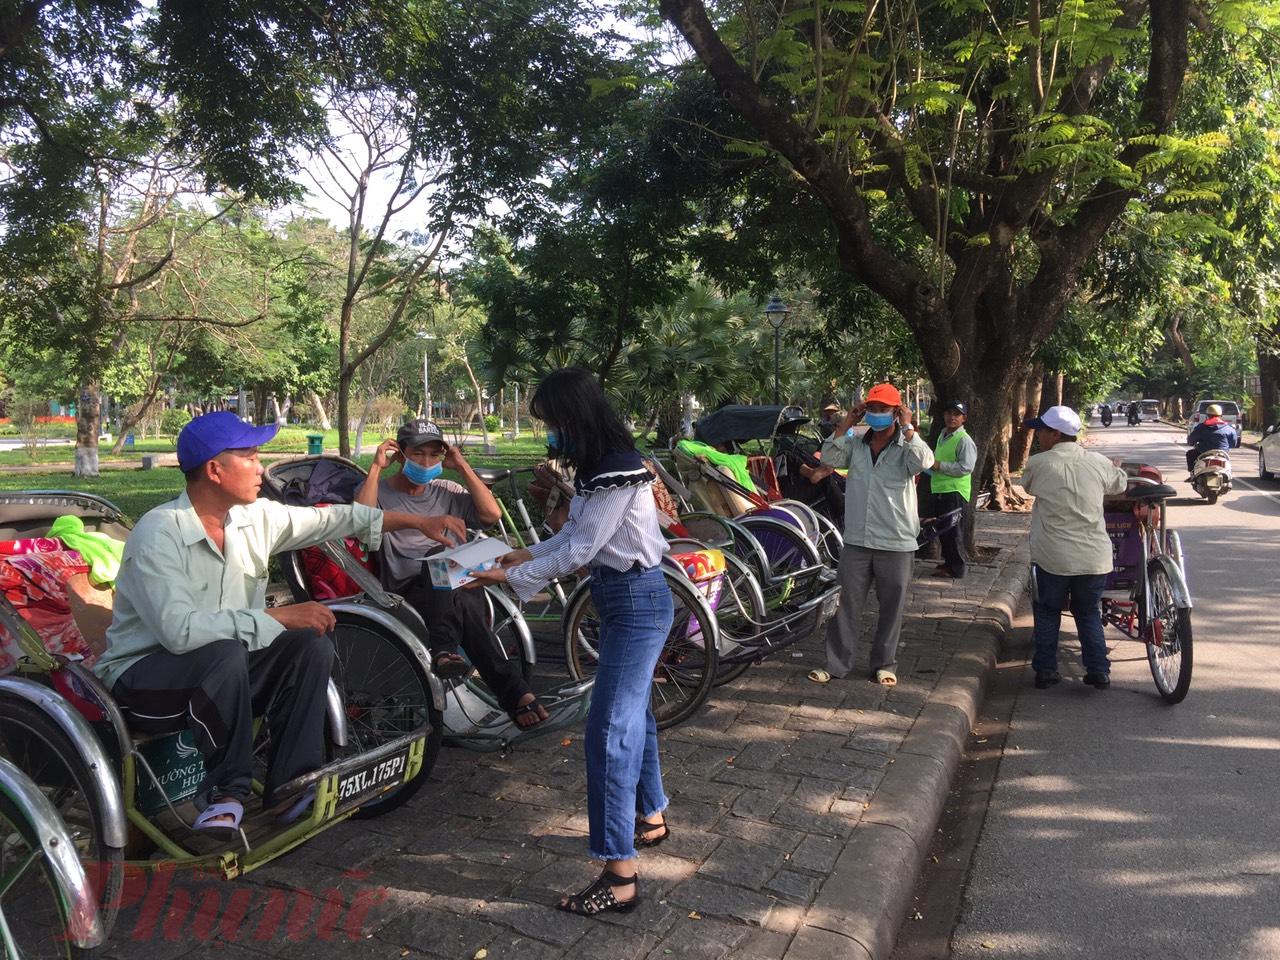 Trong ngày 1/2 chị Phạm Thị Diệu Huyền  chủ quán Mộc Truly Hue's  trên đường Đoàn Thị Điểm TP. Huế (đối diện cửa Hiển Nhơn)  đã tự nguyện cấp phát miễn phí khẩu trang y tế cho các các bác đạp xích lô, xe thồ đang hoạt động đưa đón du khách tại khu vực cạnh Đại Nội Huế